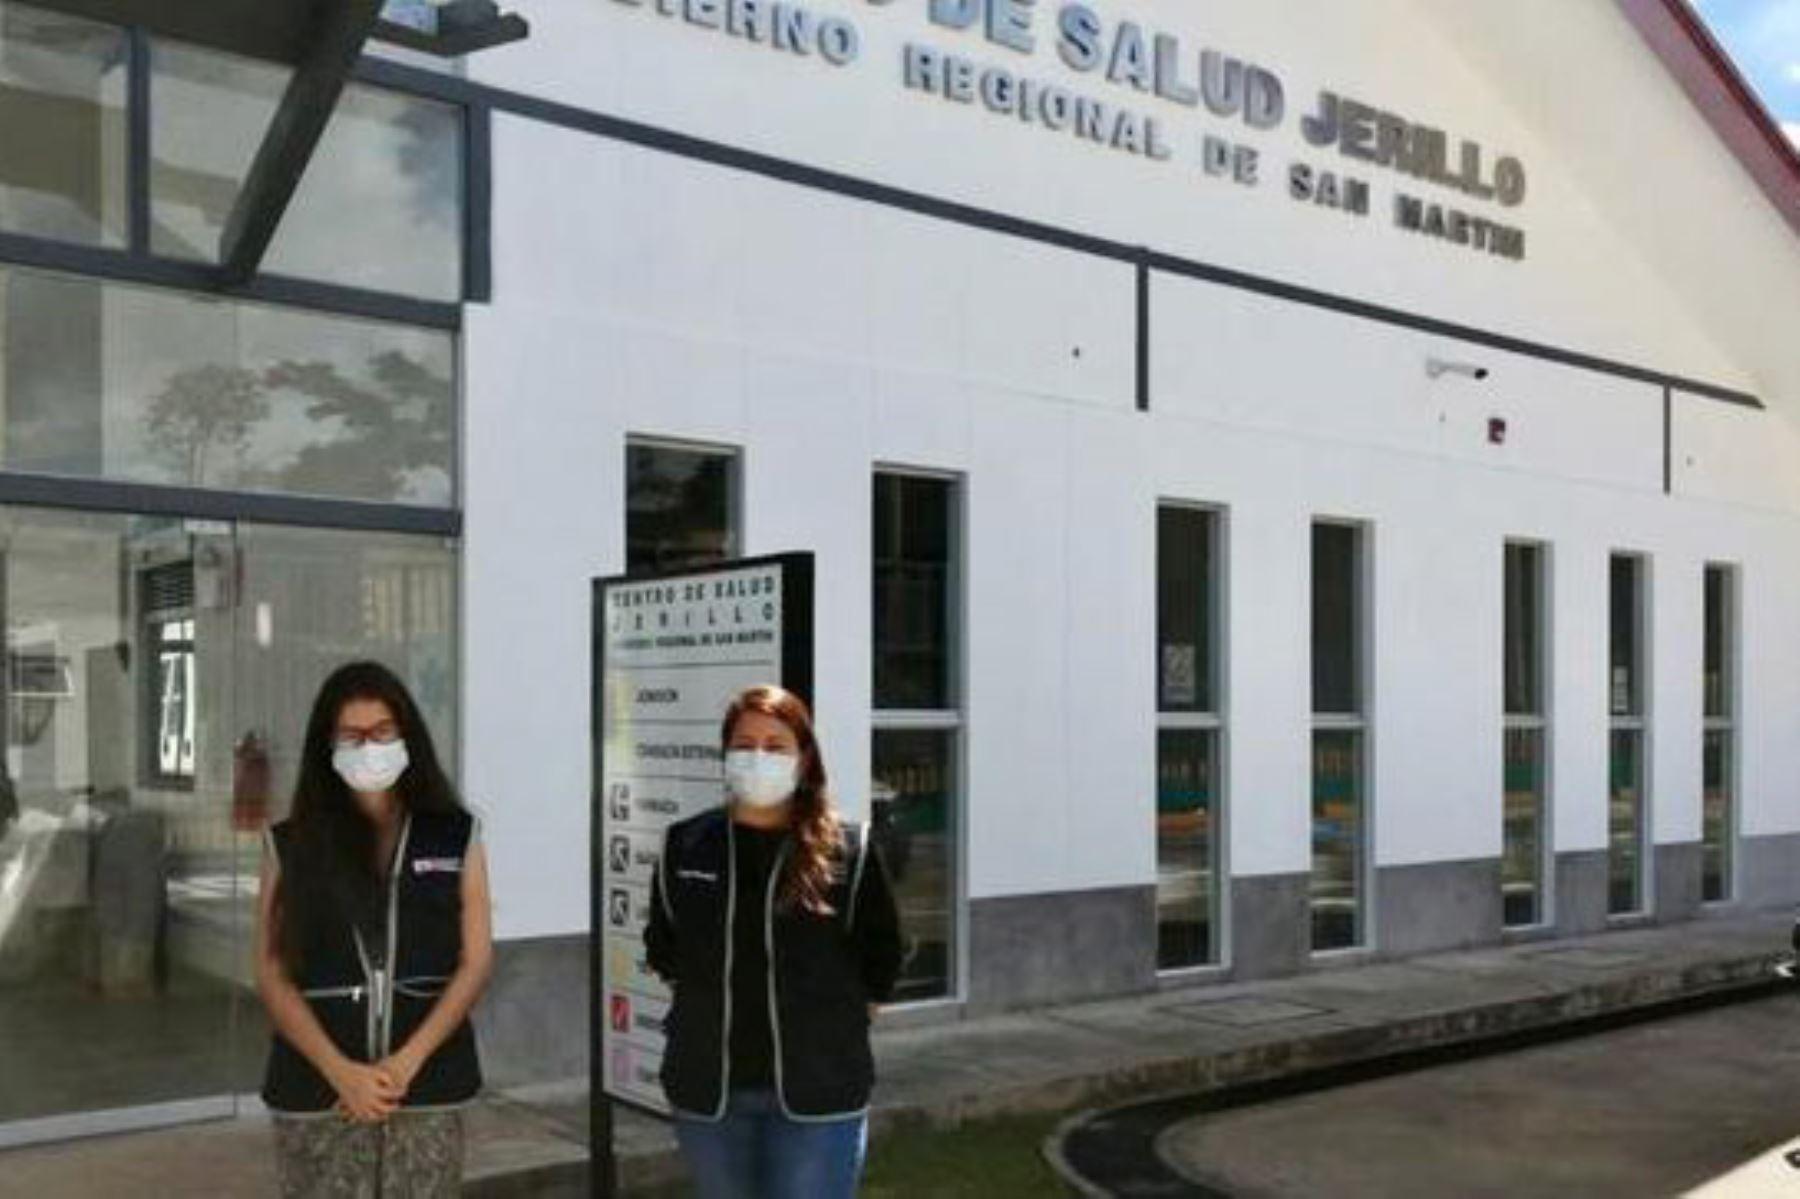 El Ministerio de Salud continúa fortaleciendo los servicios de salud en la región selvática de San Martín. Foto: Minsa